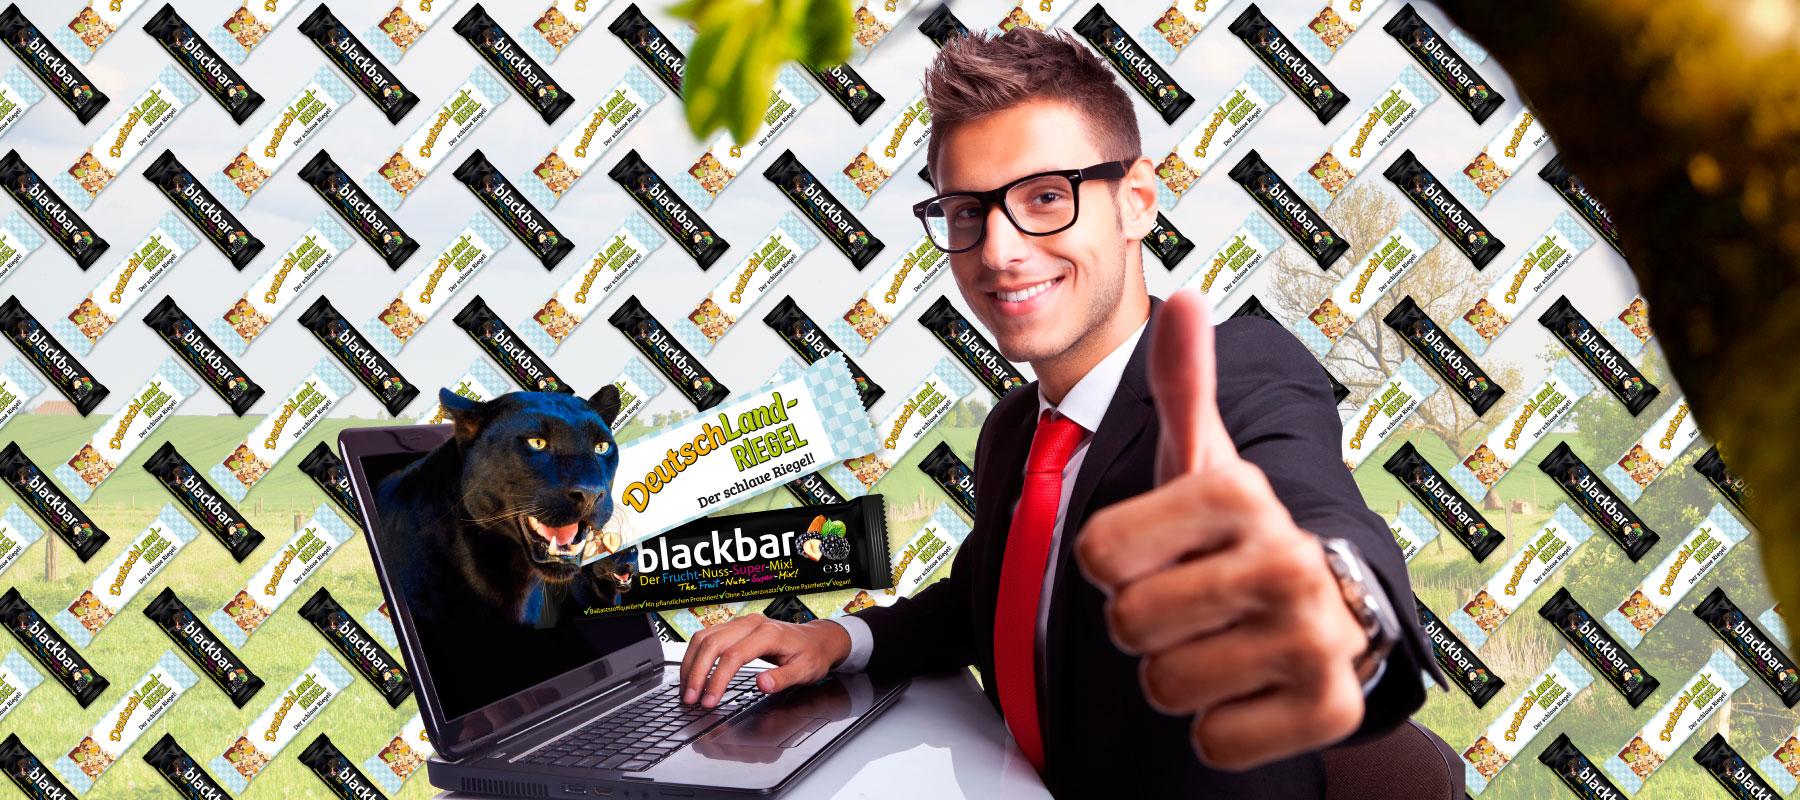 24/7 Internetshopping, DeutschLAnd-Riegel, blackbar, schwarzer Panther, Mann am Computer